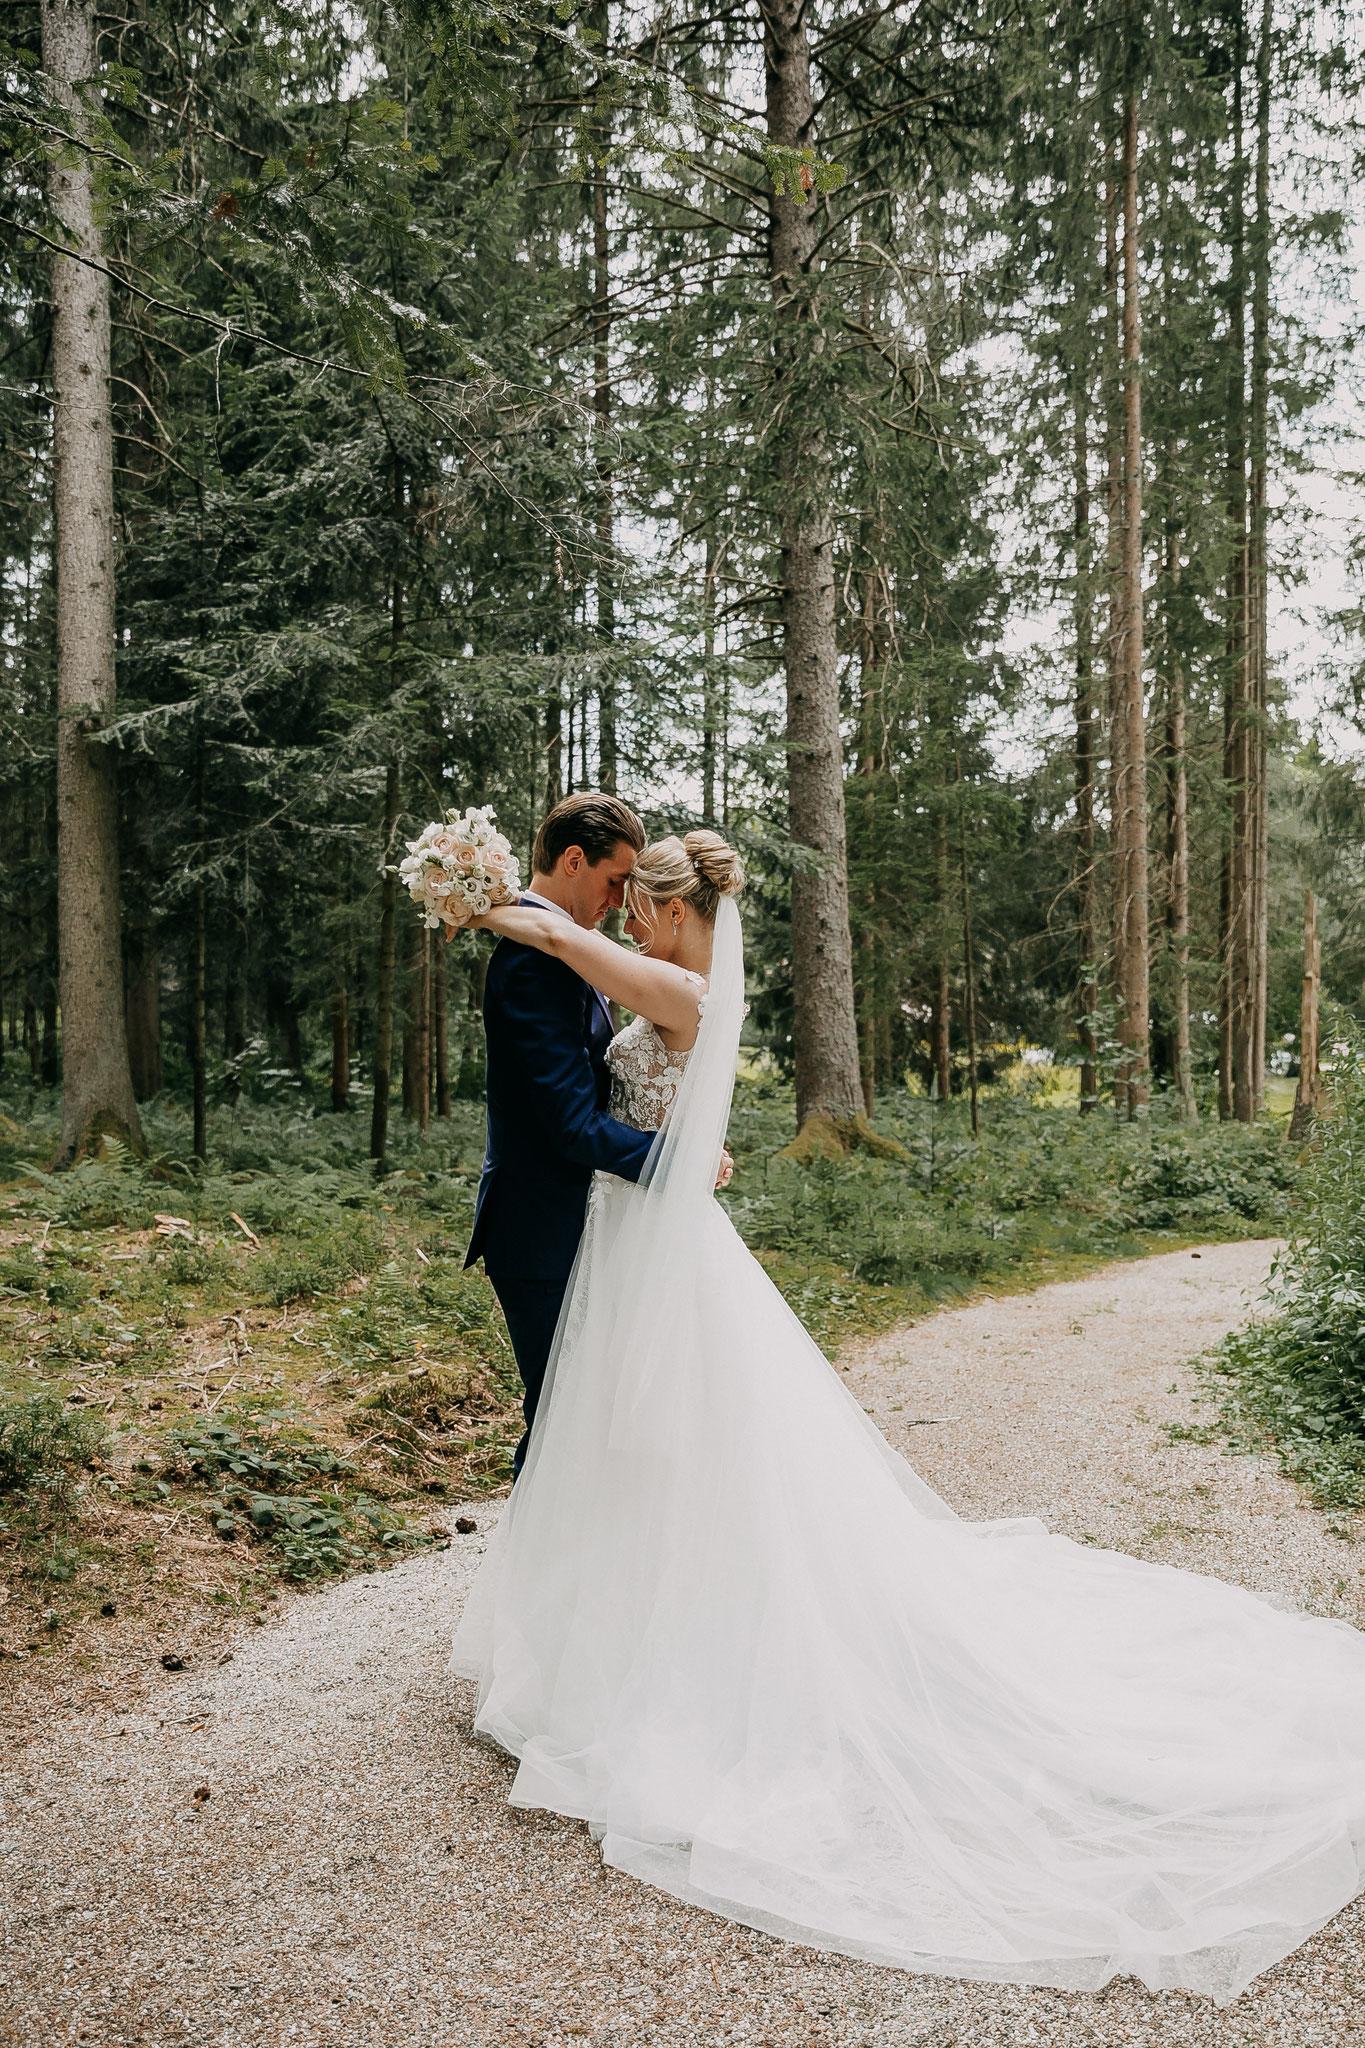 Rock Weddings - HInterzarten